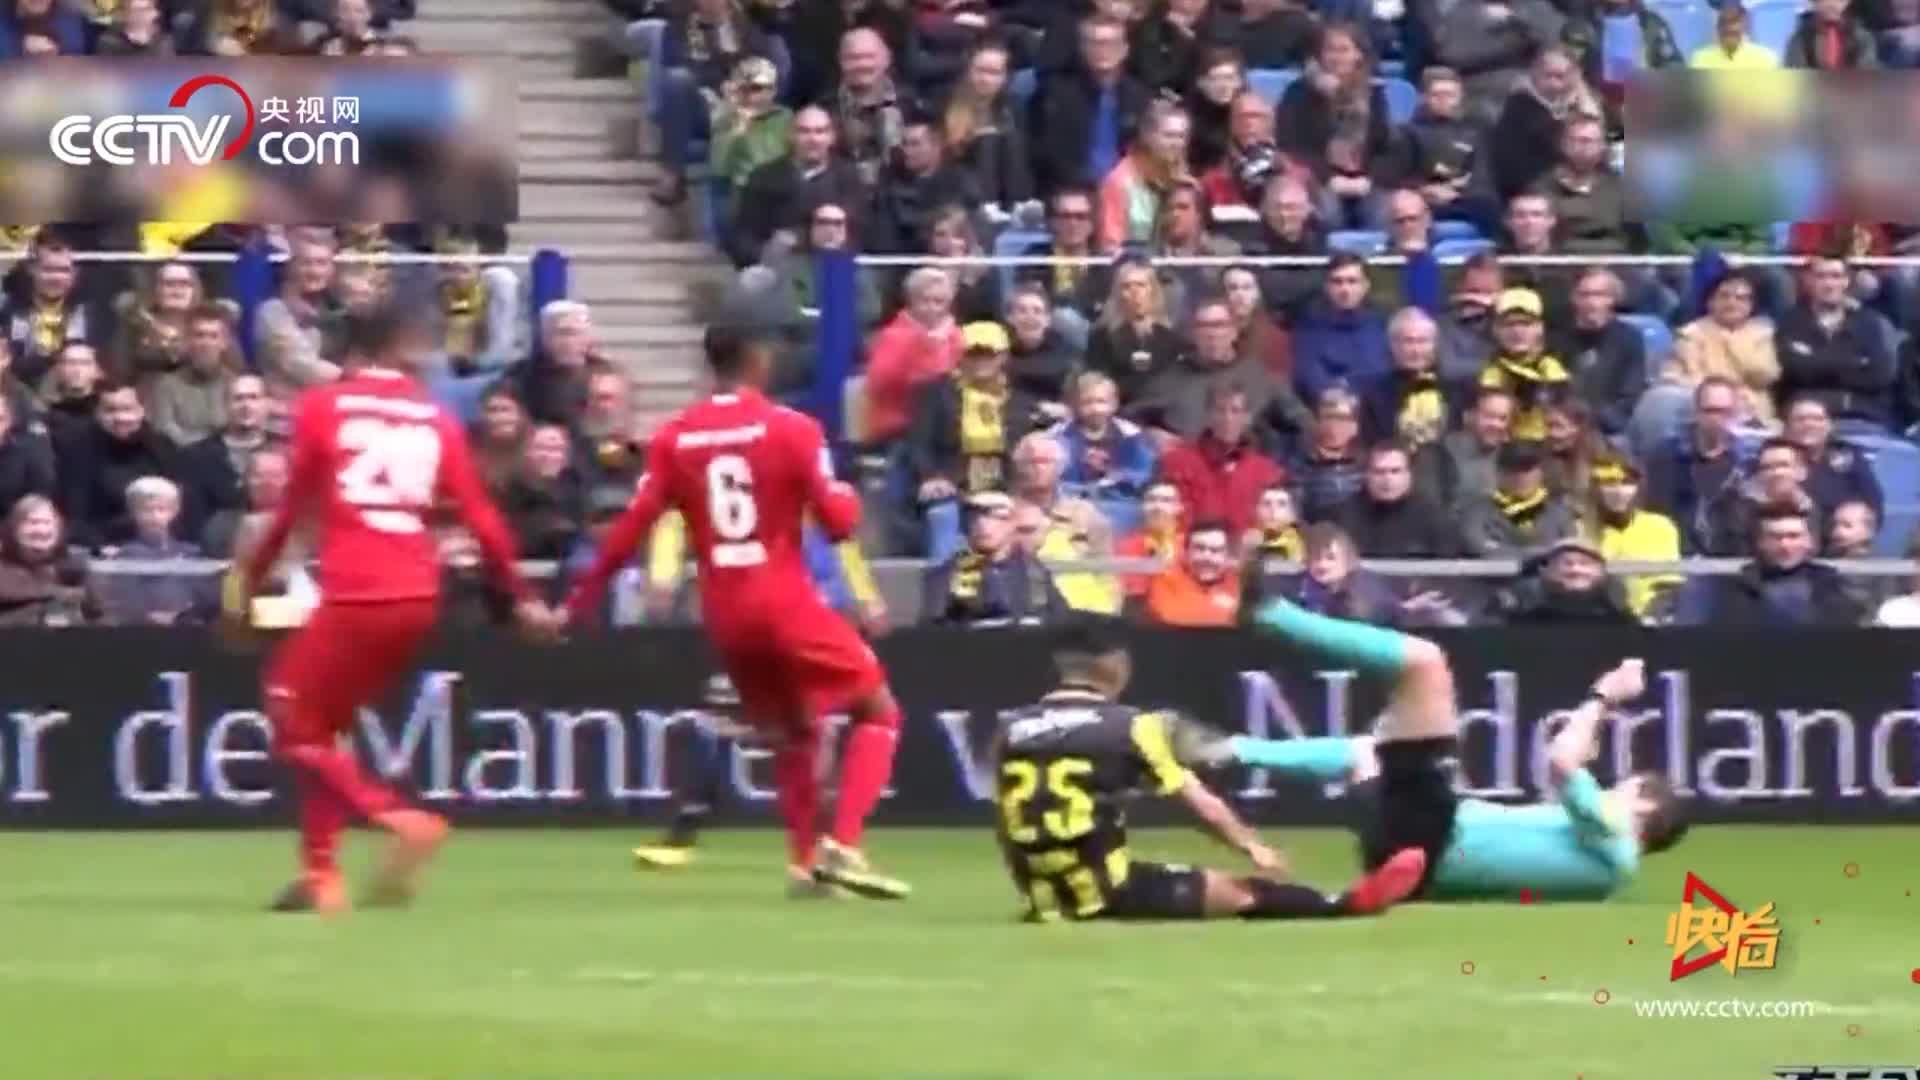 [视频]活久见:裁判玩假摔,球员挡不住